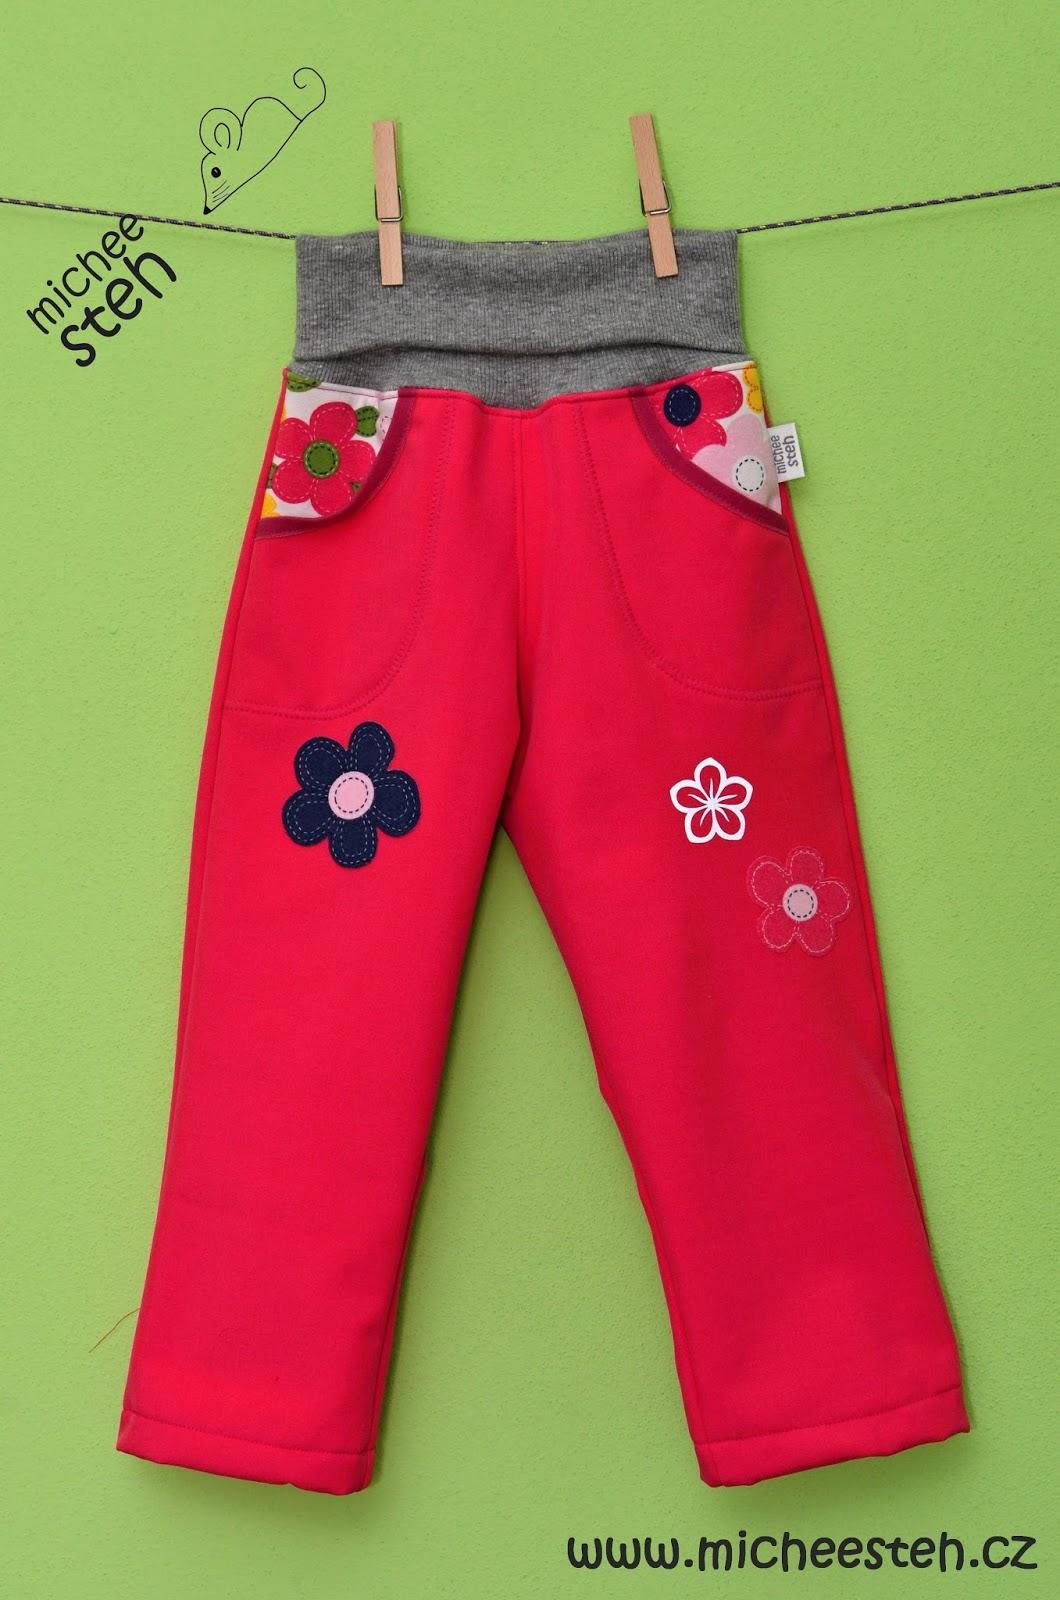 michee steh - šití a tvoření pro radost  Zimní soft kalhoty 4249a22103